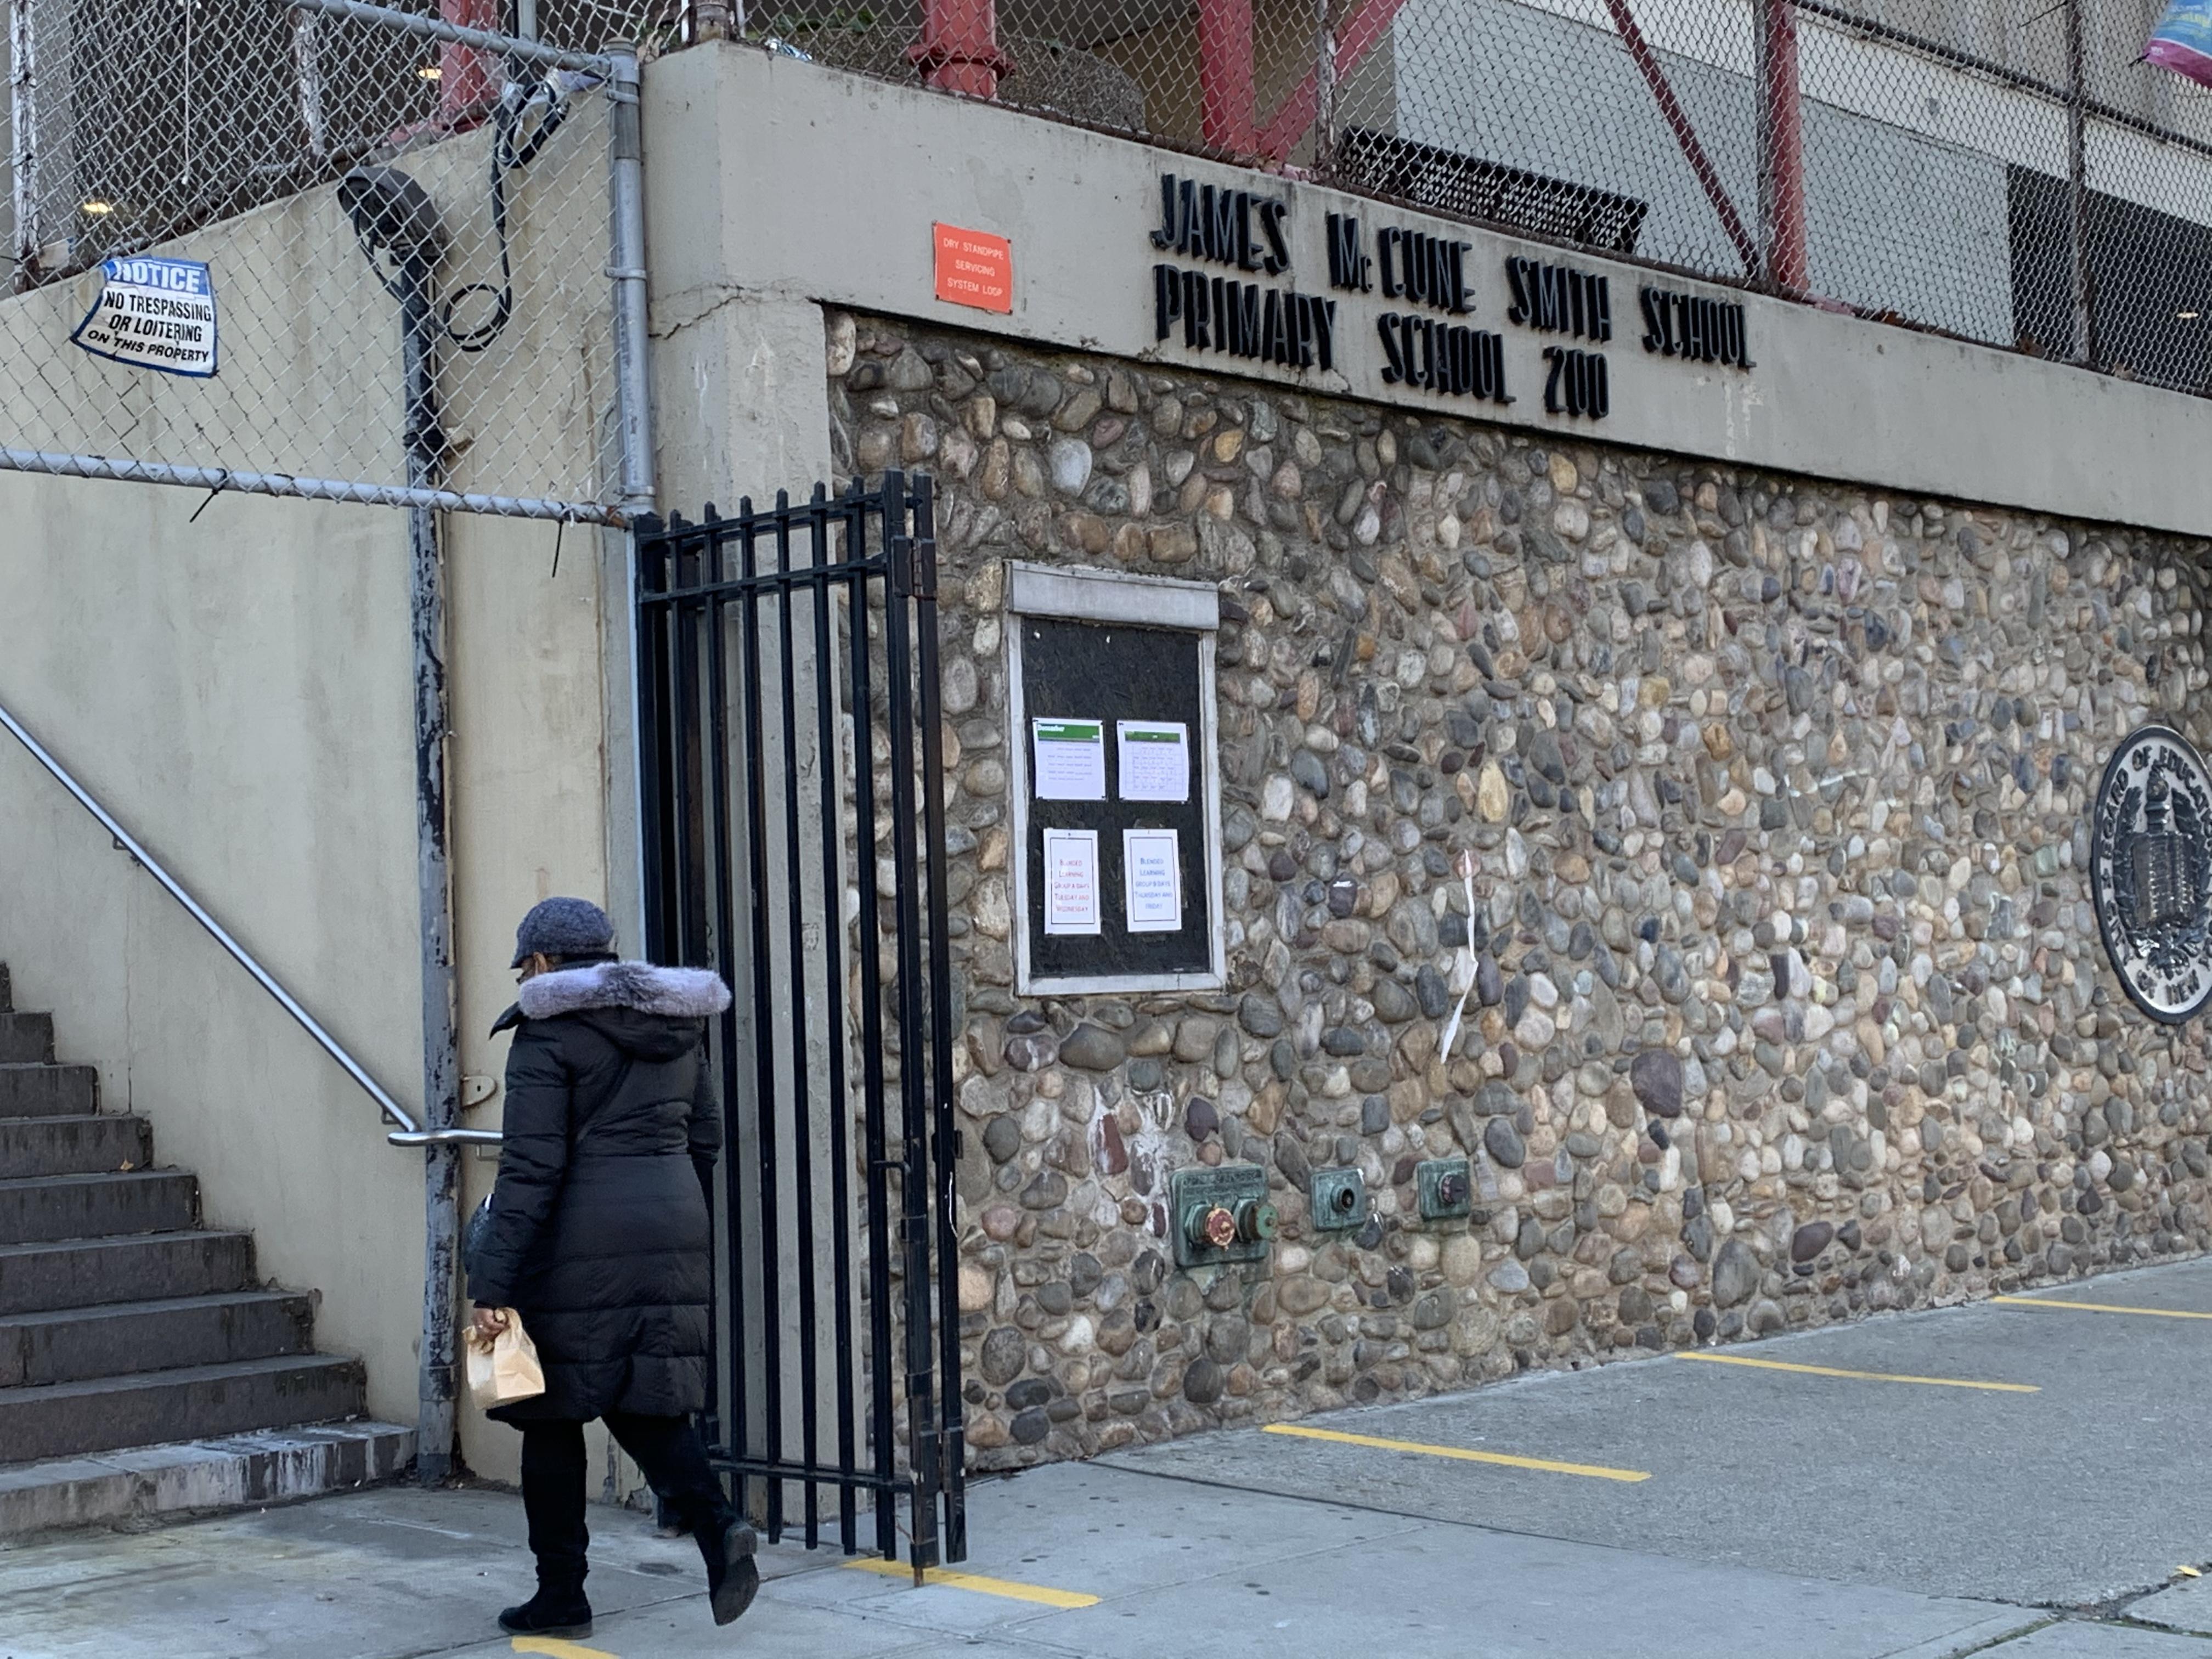 Dudas y temores entre padres sobre futuro de las escuelas en NYC por alza de casos de COVID